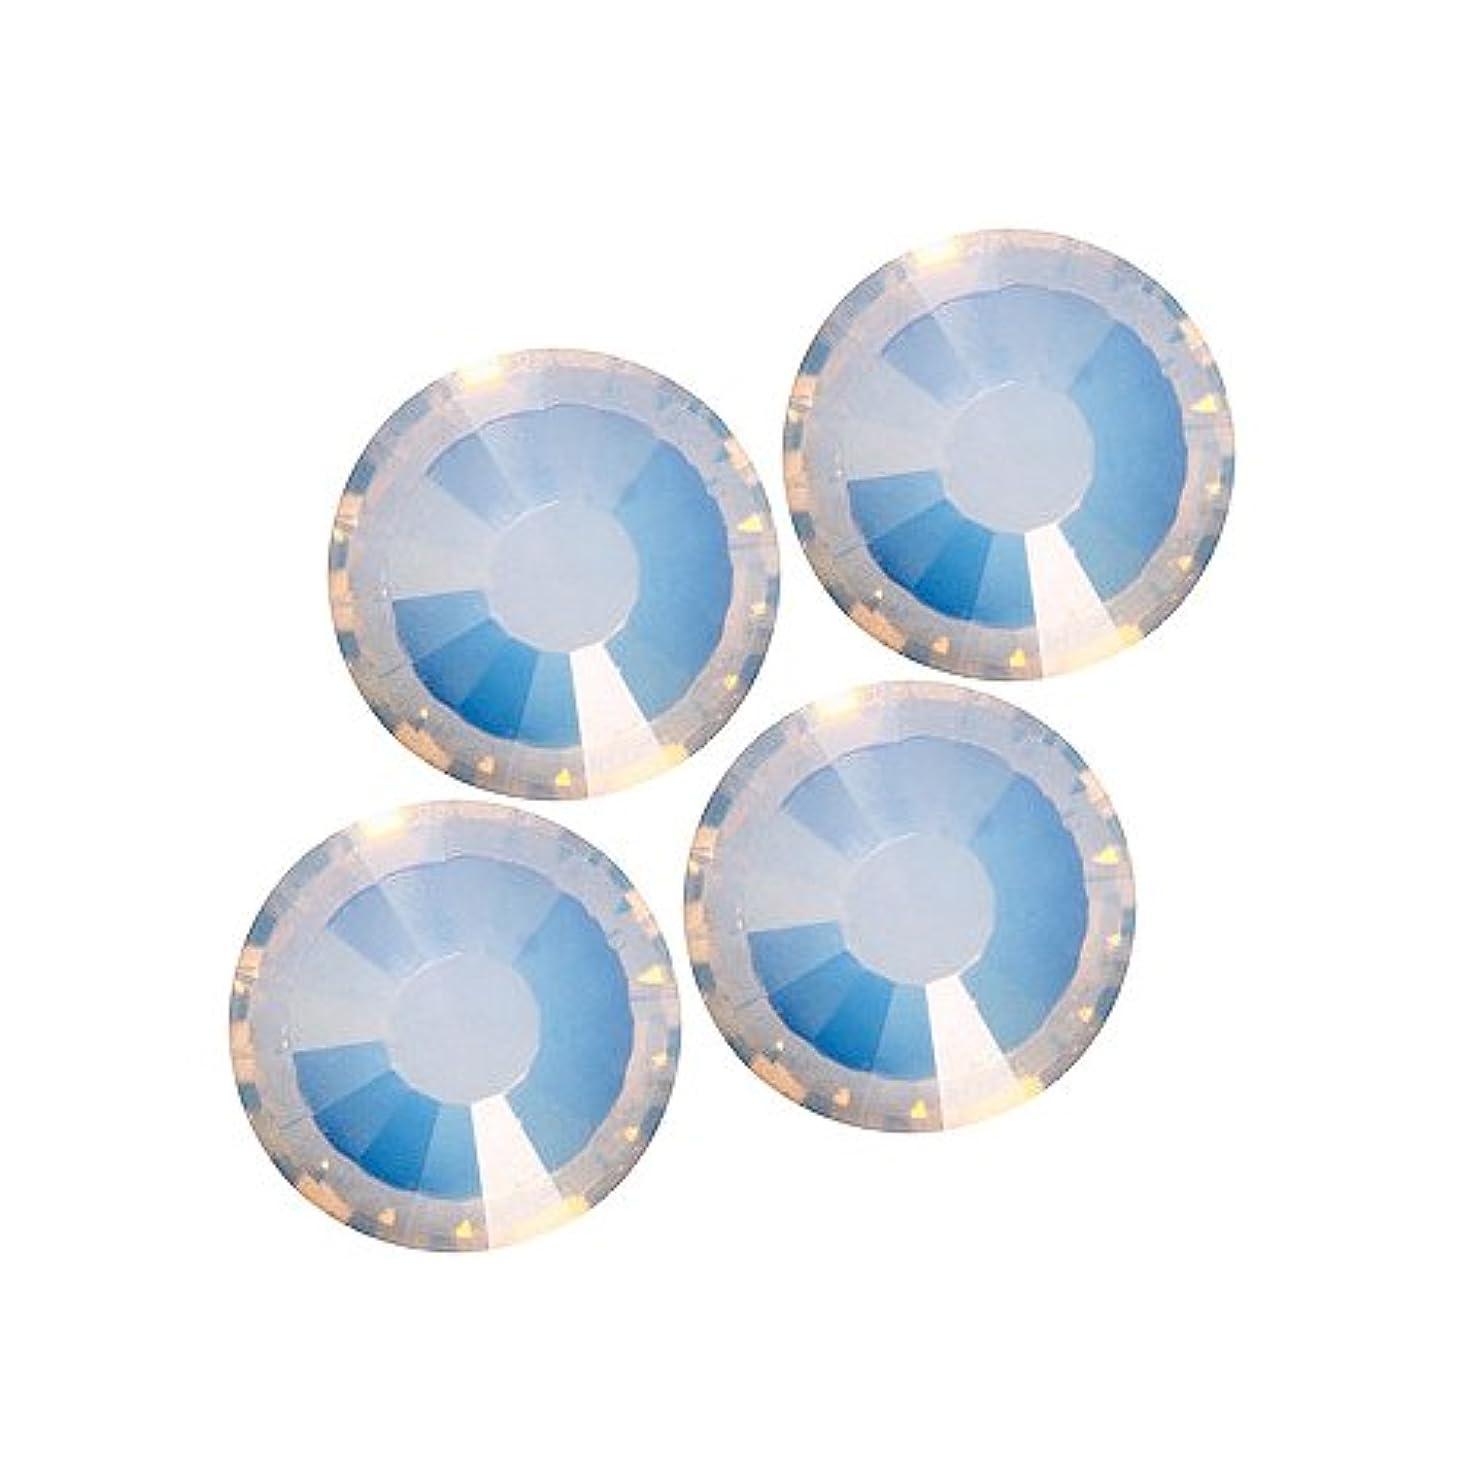 日焼け表面従者バイナル DIAMOND RHINESTONE ホワイトオパールSS8 1440粒 ST-SS8-WHO-10G